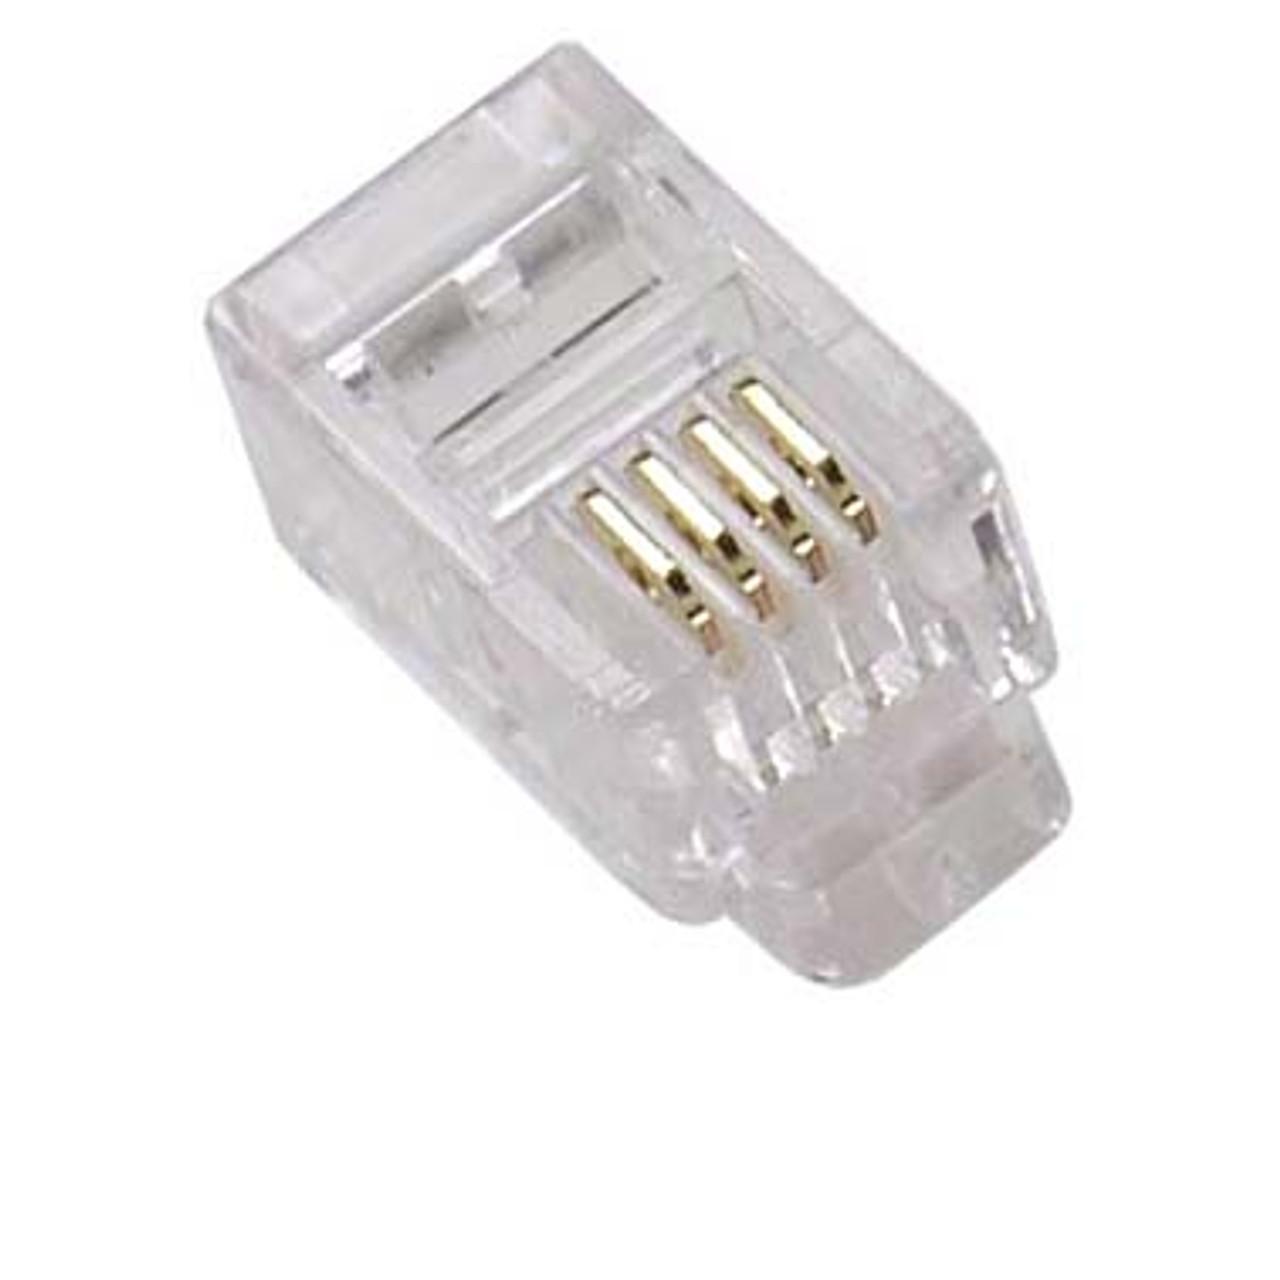 300-062 modular handset plug